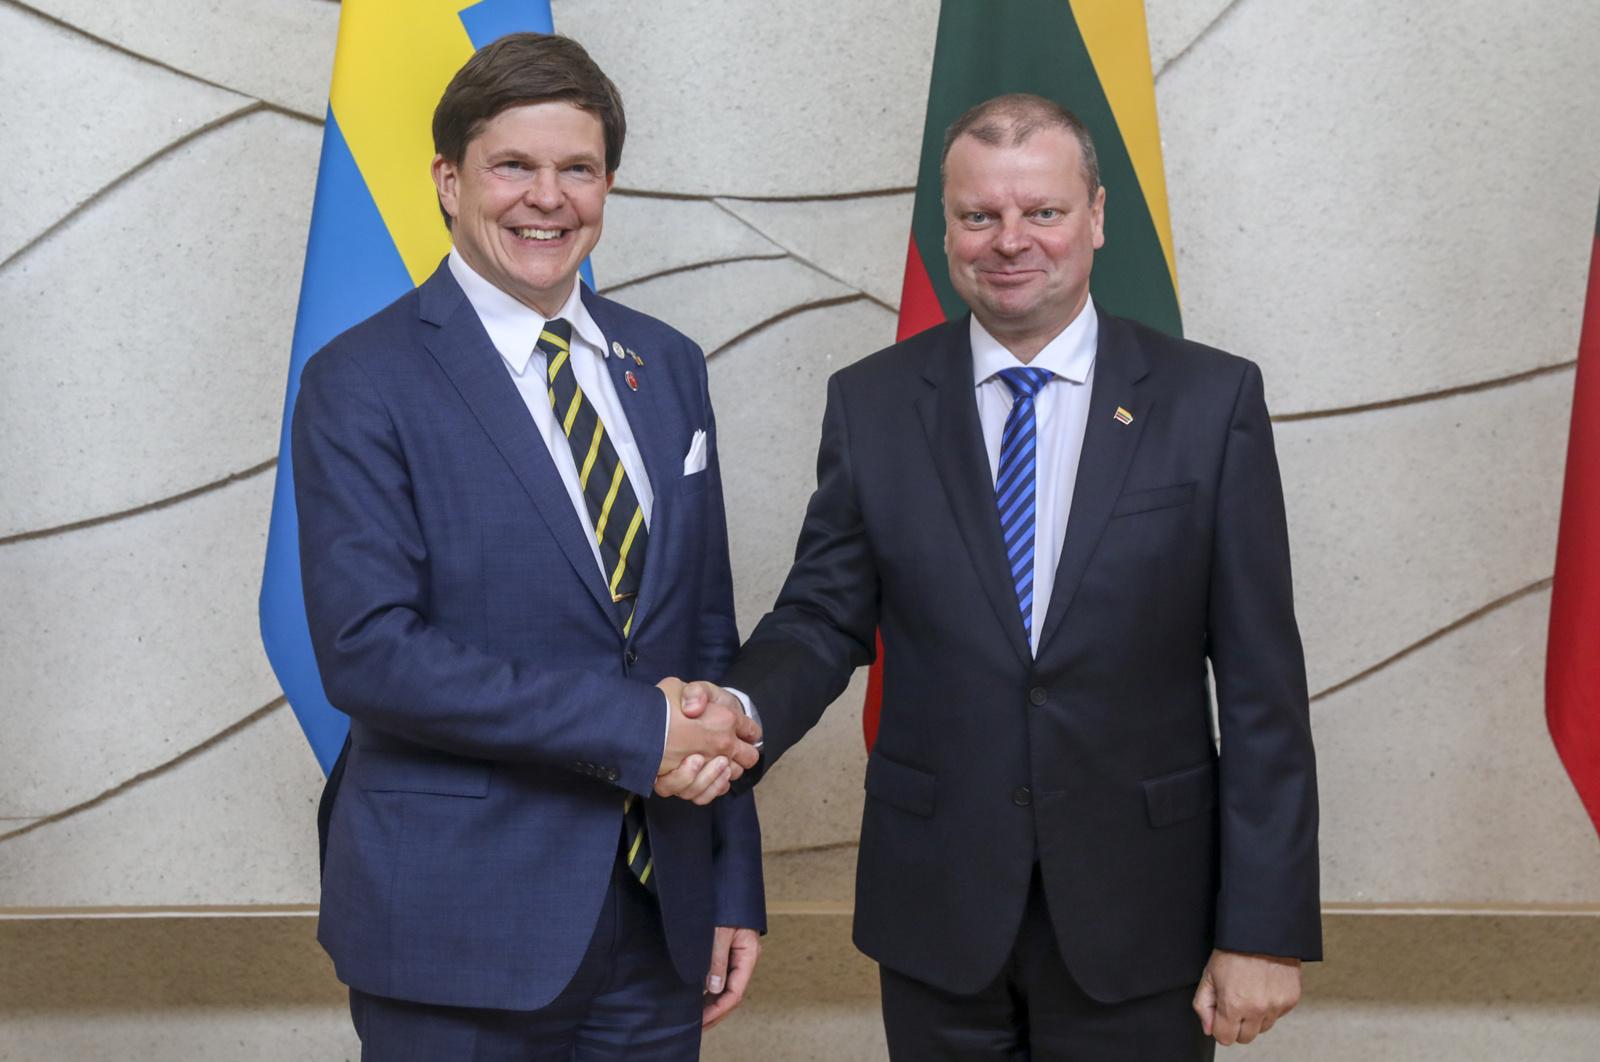 Premjeras padėkojo Švedijos parlamento pirmininkui už nuolatinį ilgalaikį dėmesį Lietuvai